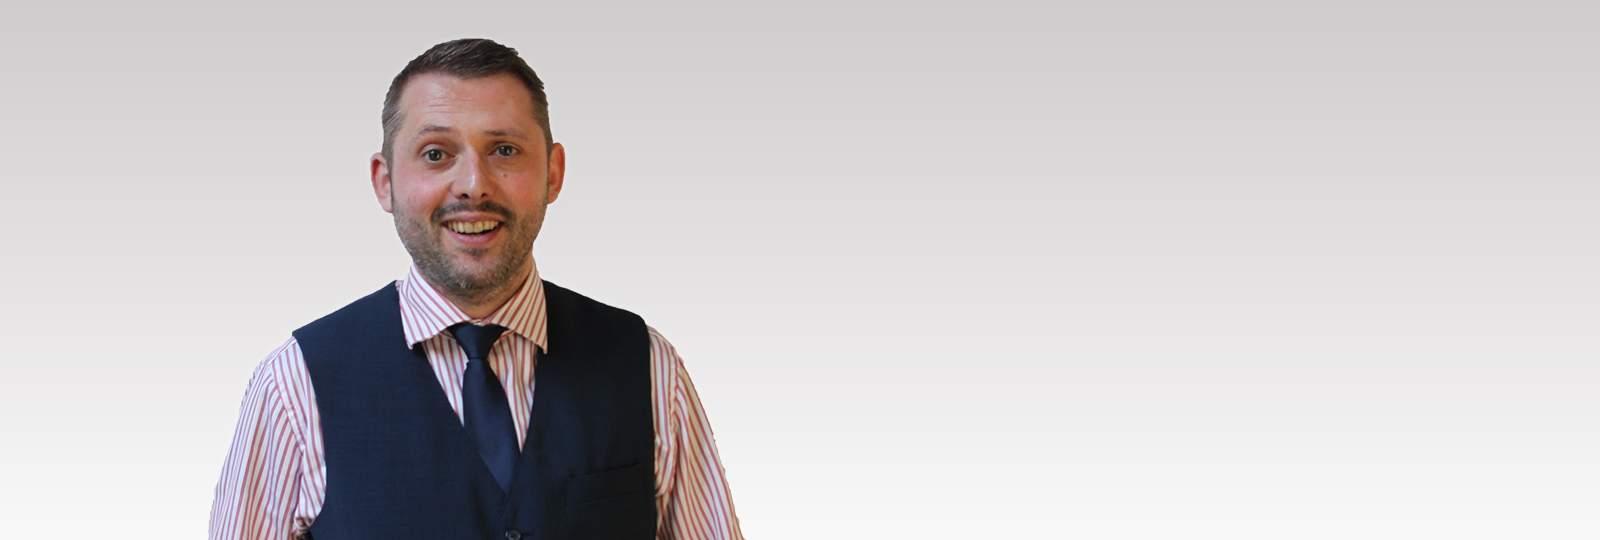 Emmanuel Koeke